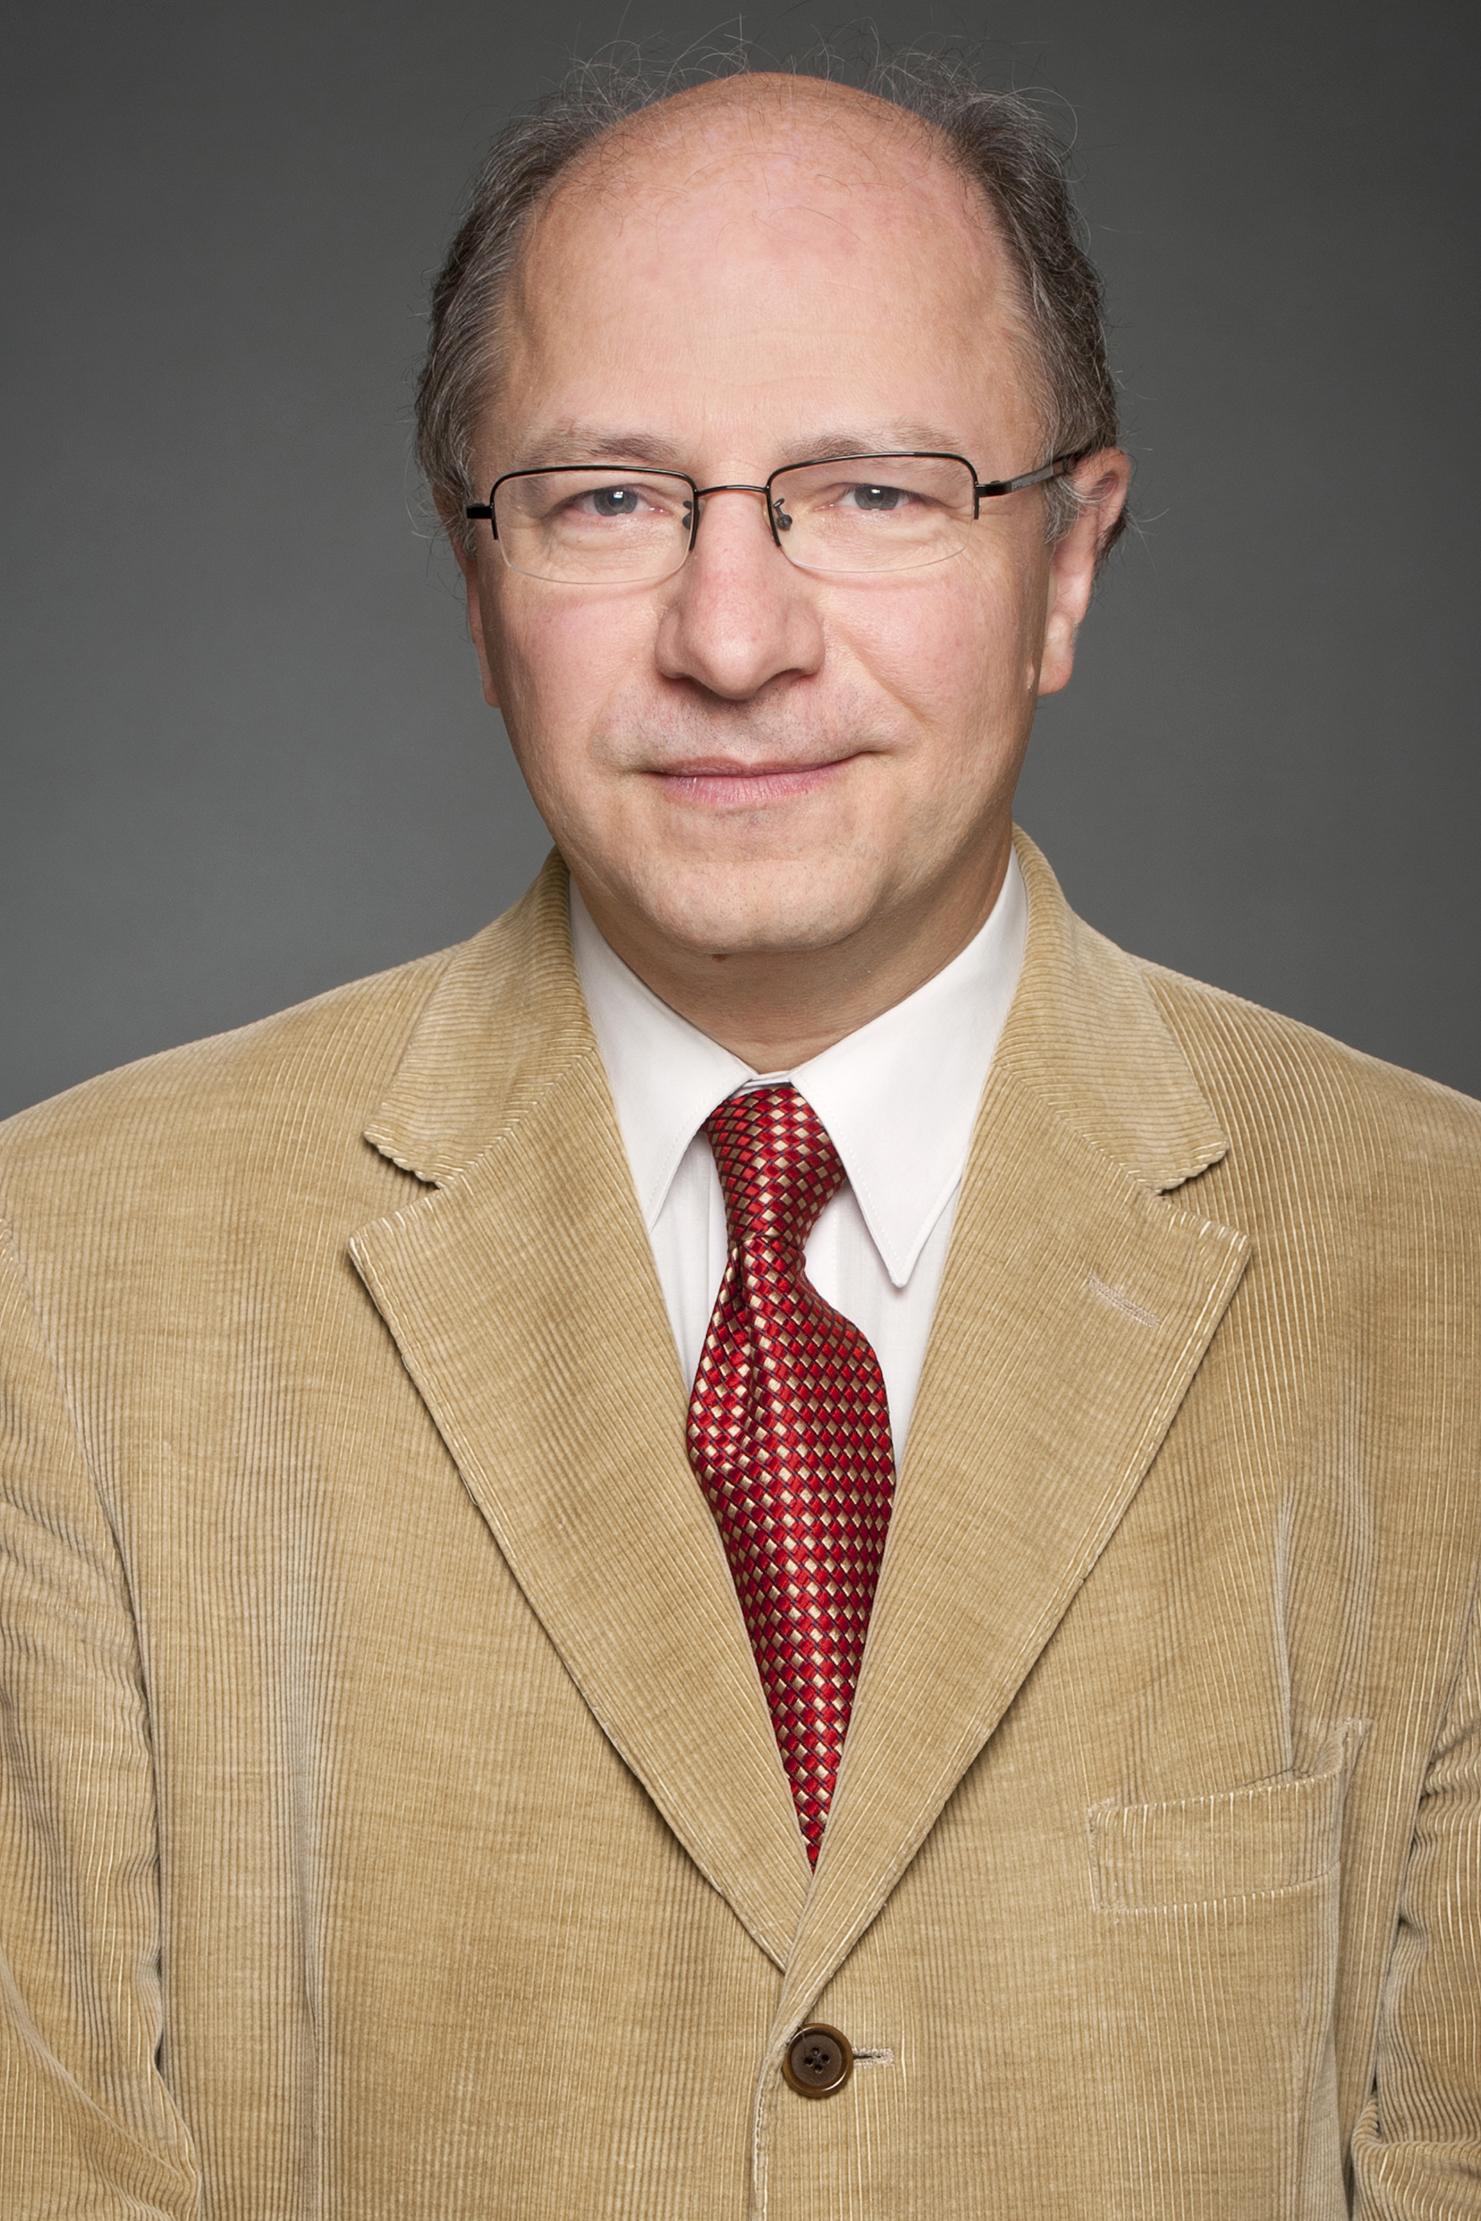 John Packer